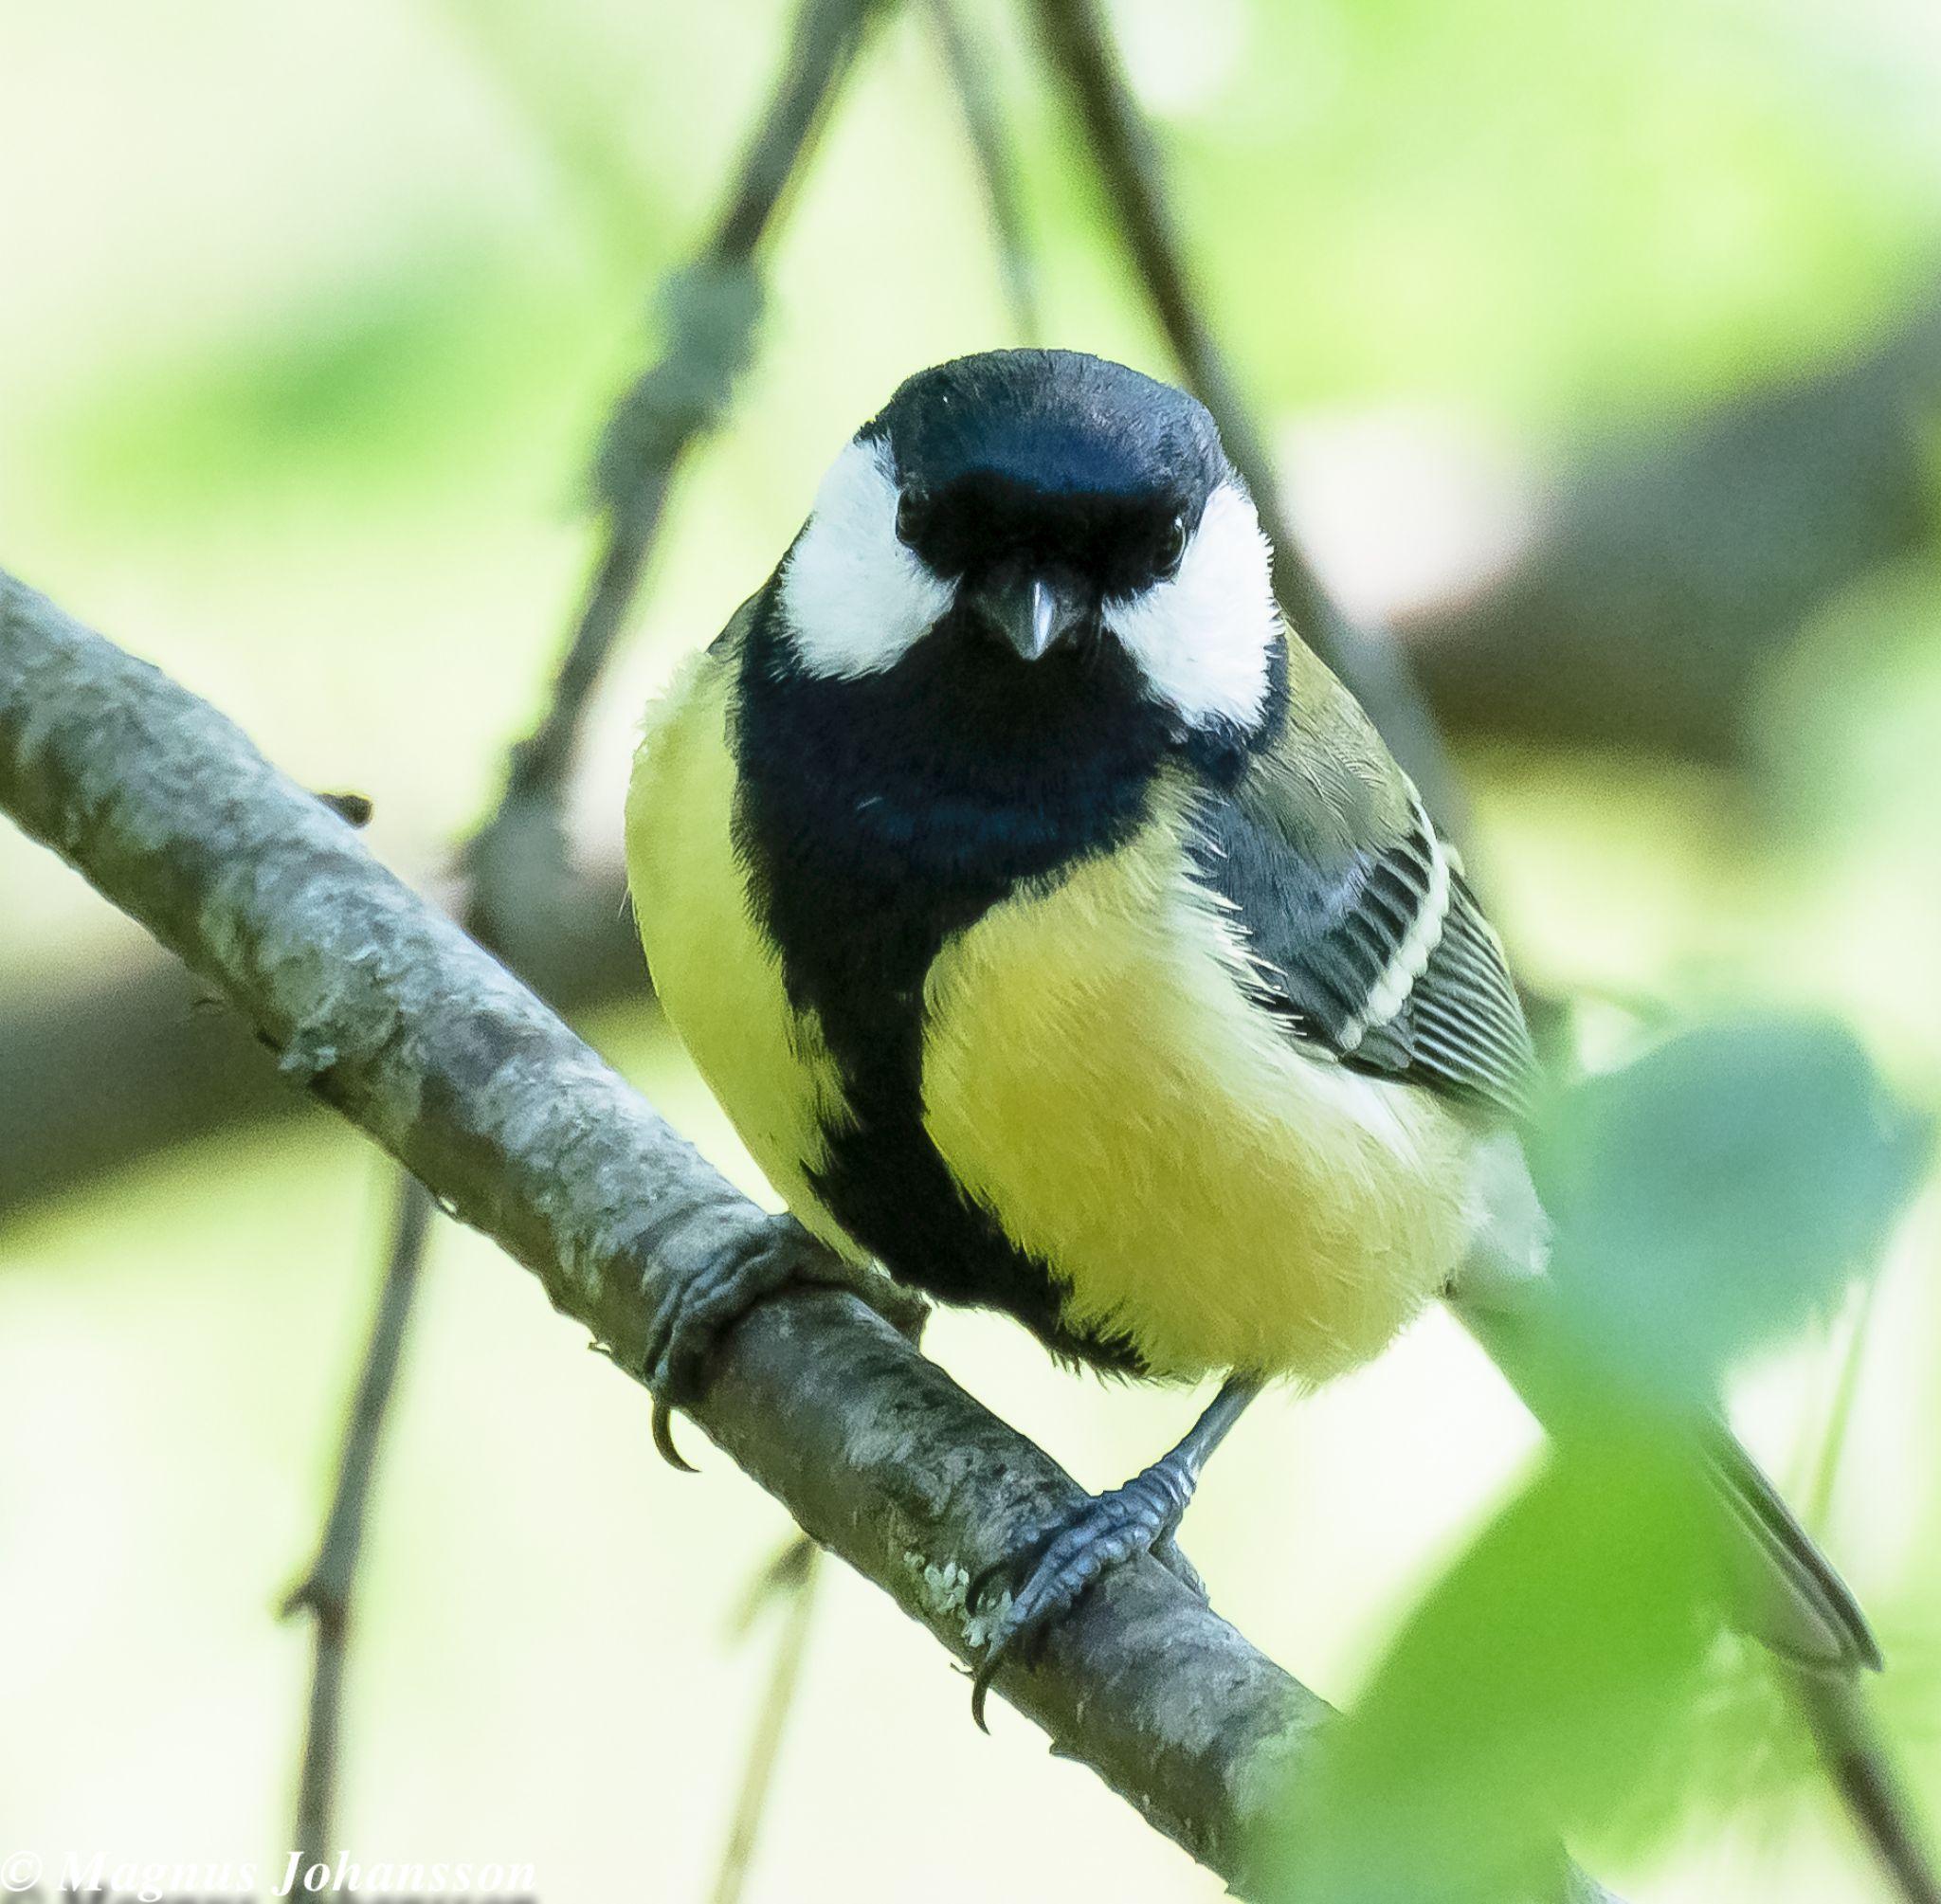 birdy by MangeNikon